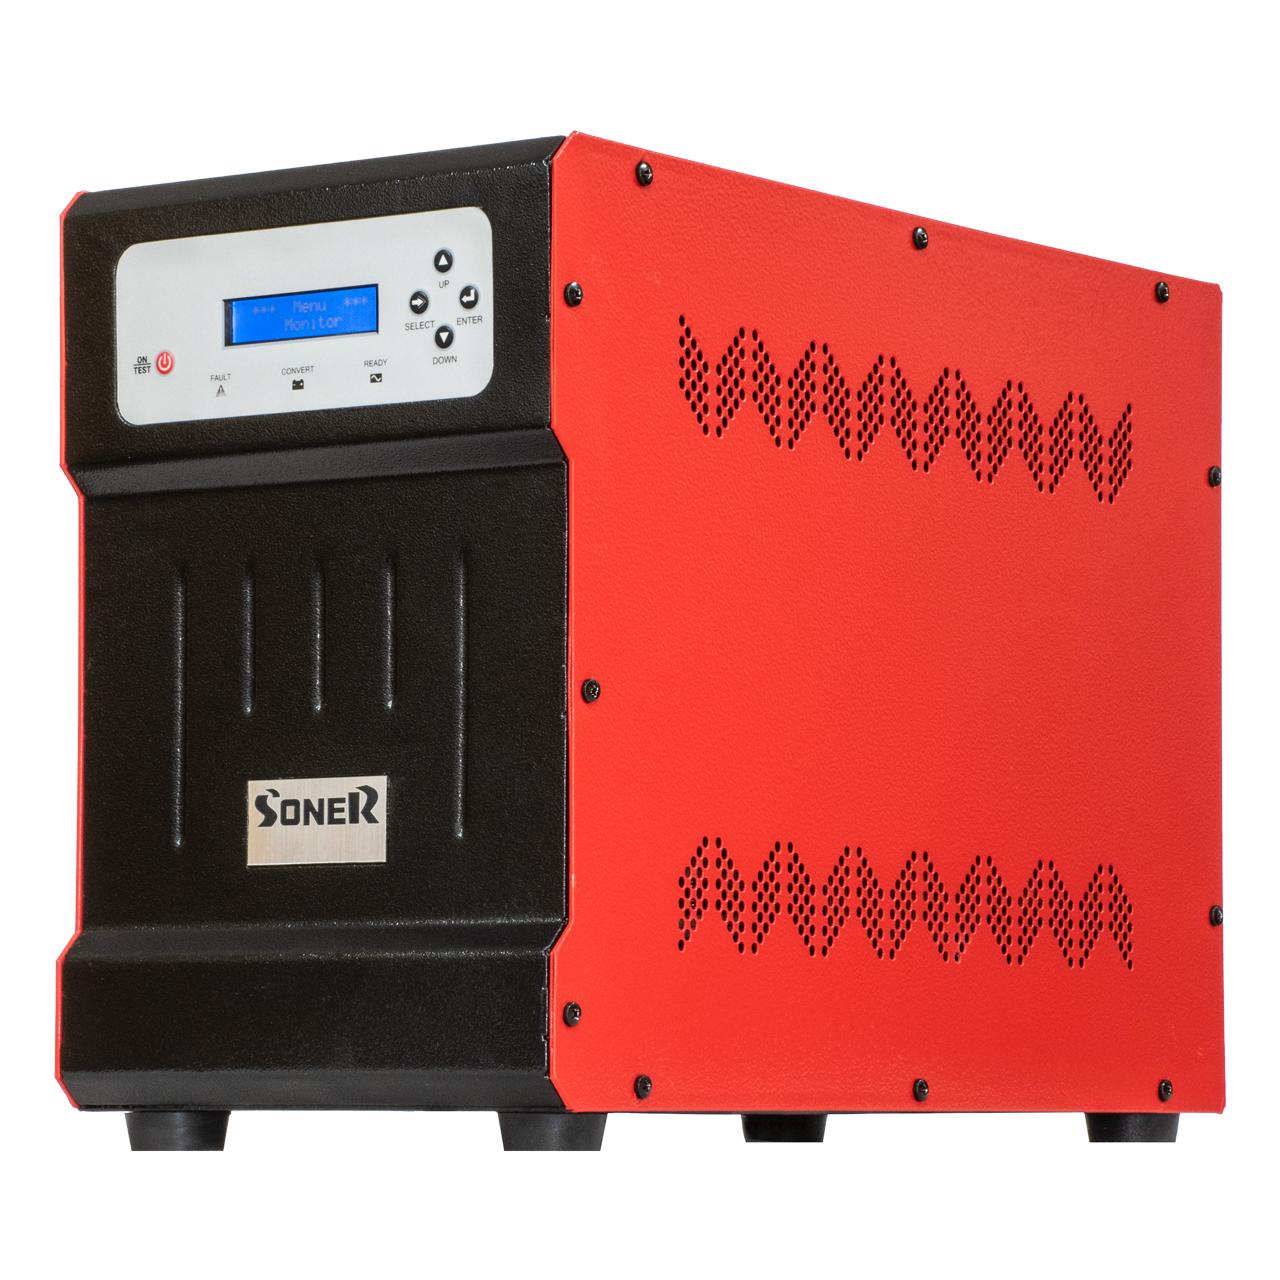 یو پی اس سونر مدل H50 با ظرفیت 5000 ولت آمپر